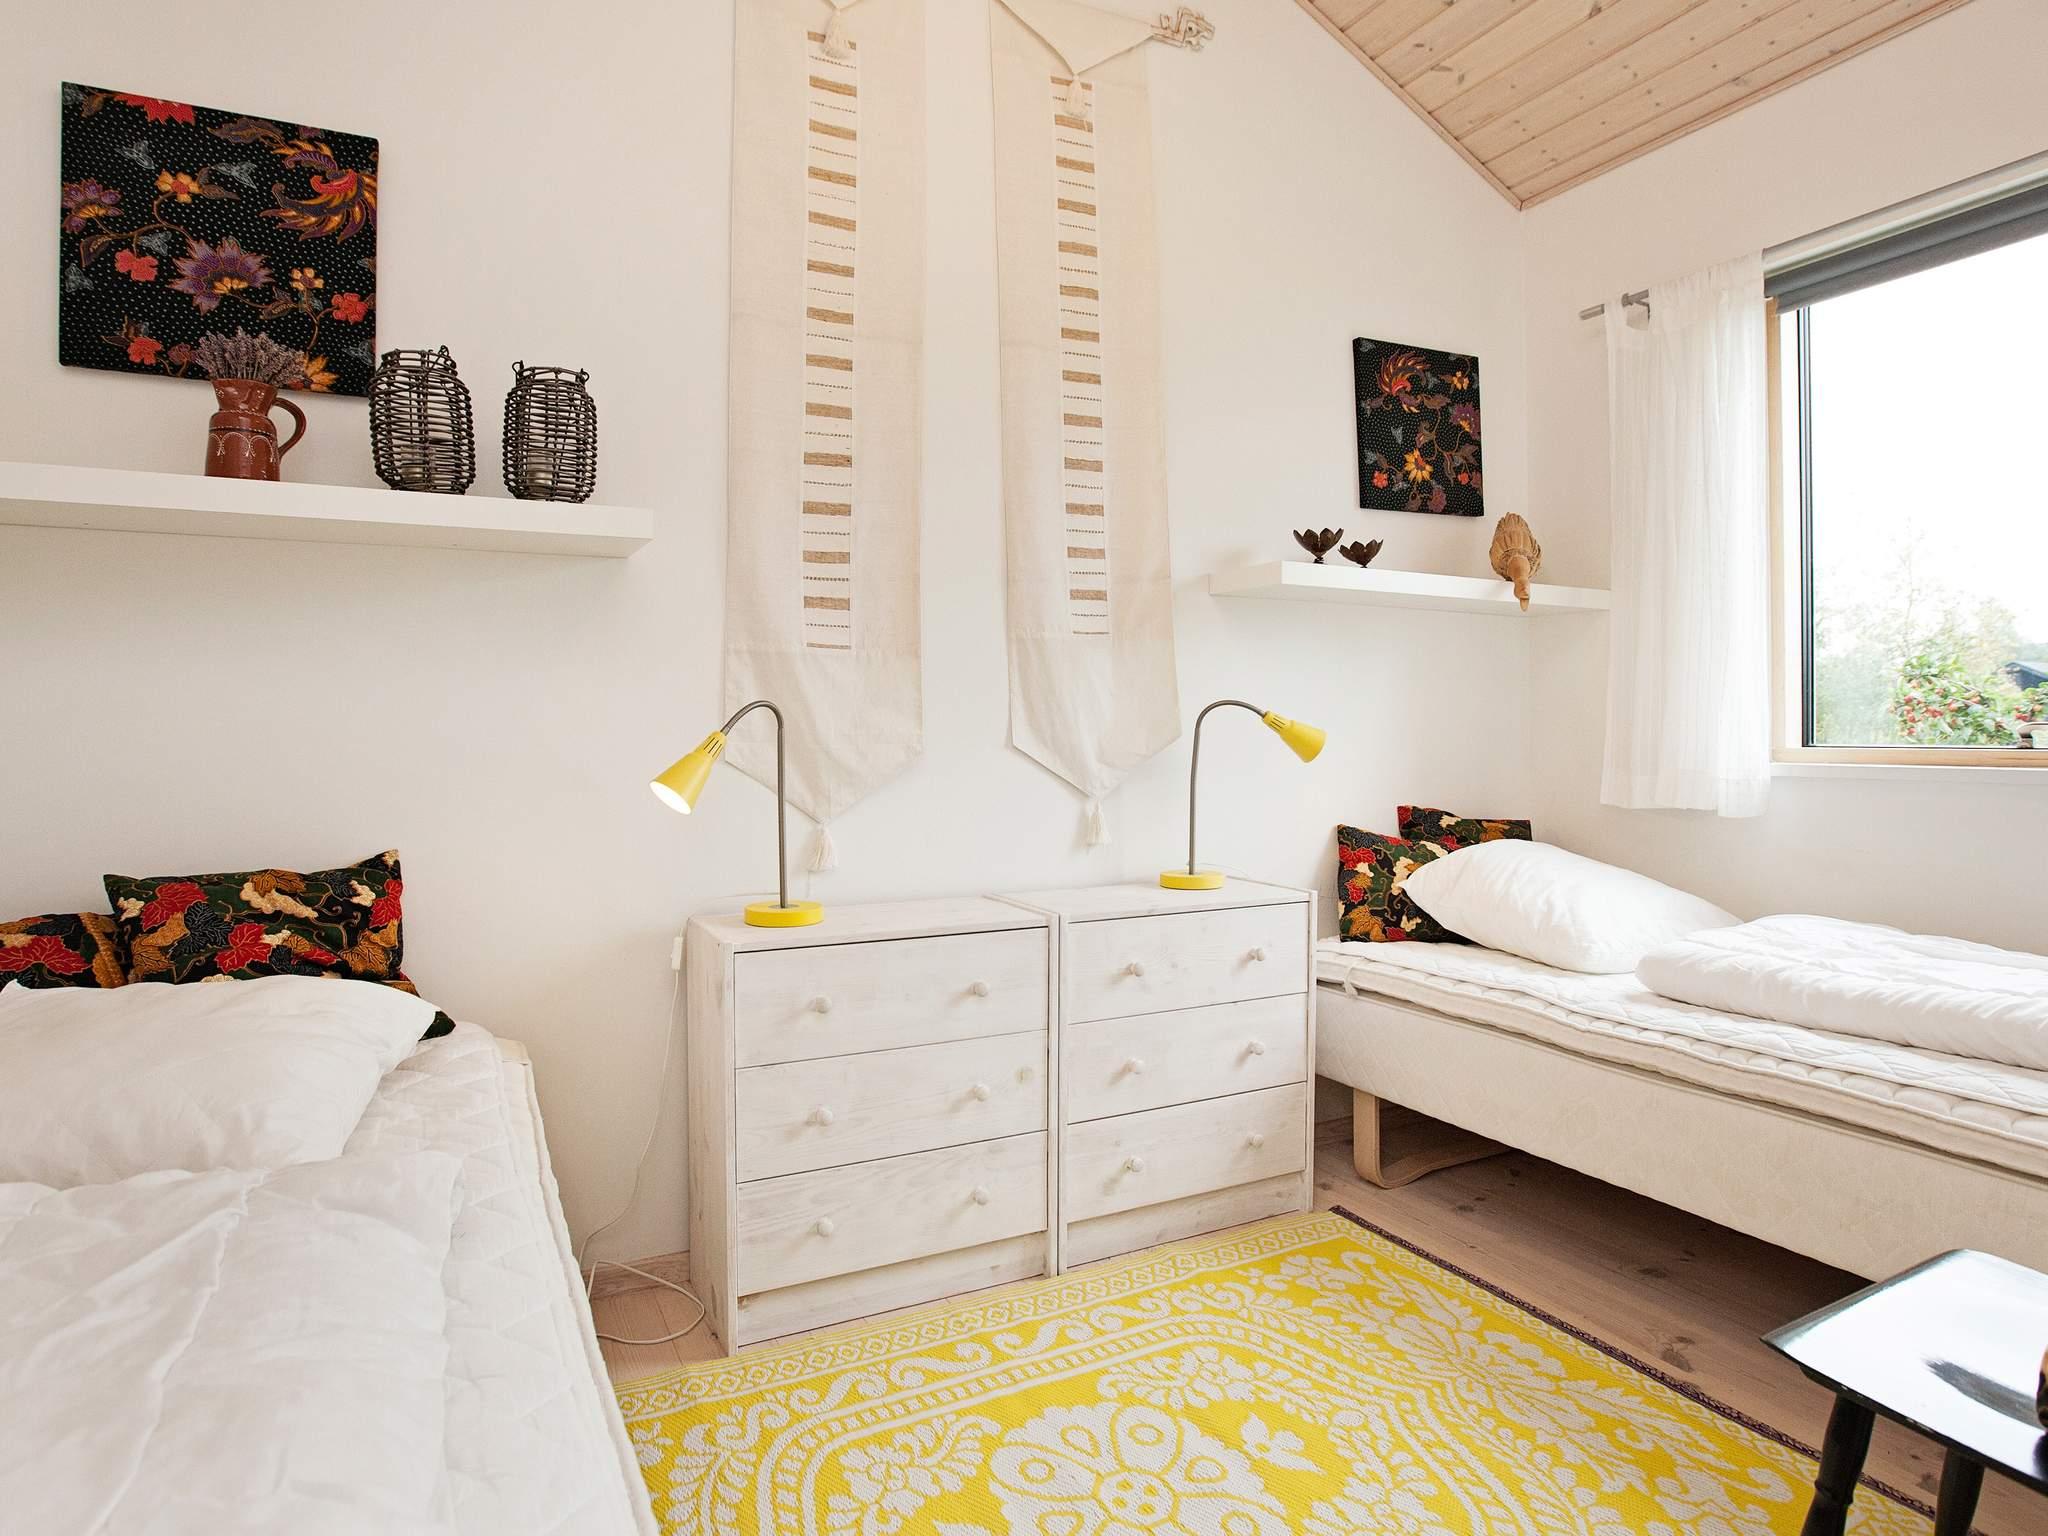 Ferienhaus Ulvshale (216908), Stege, , Møn, Dänemark, Bild 11